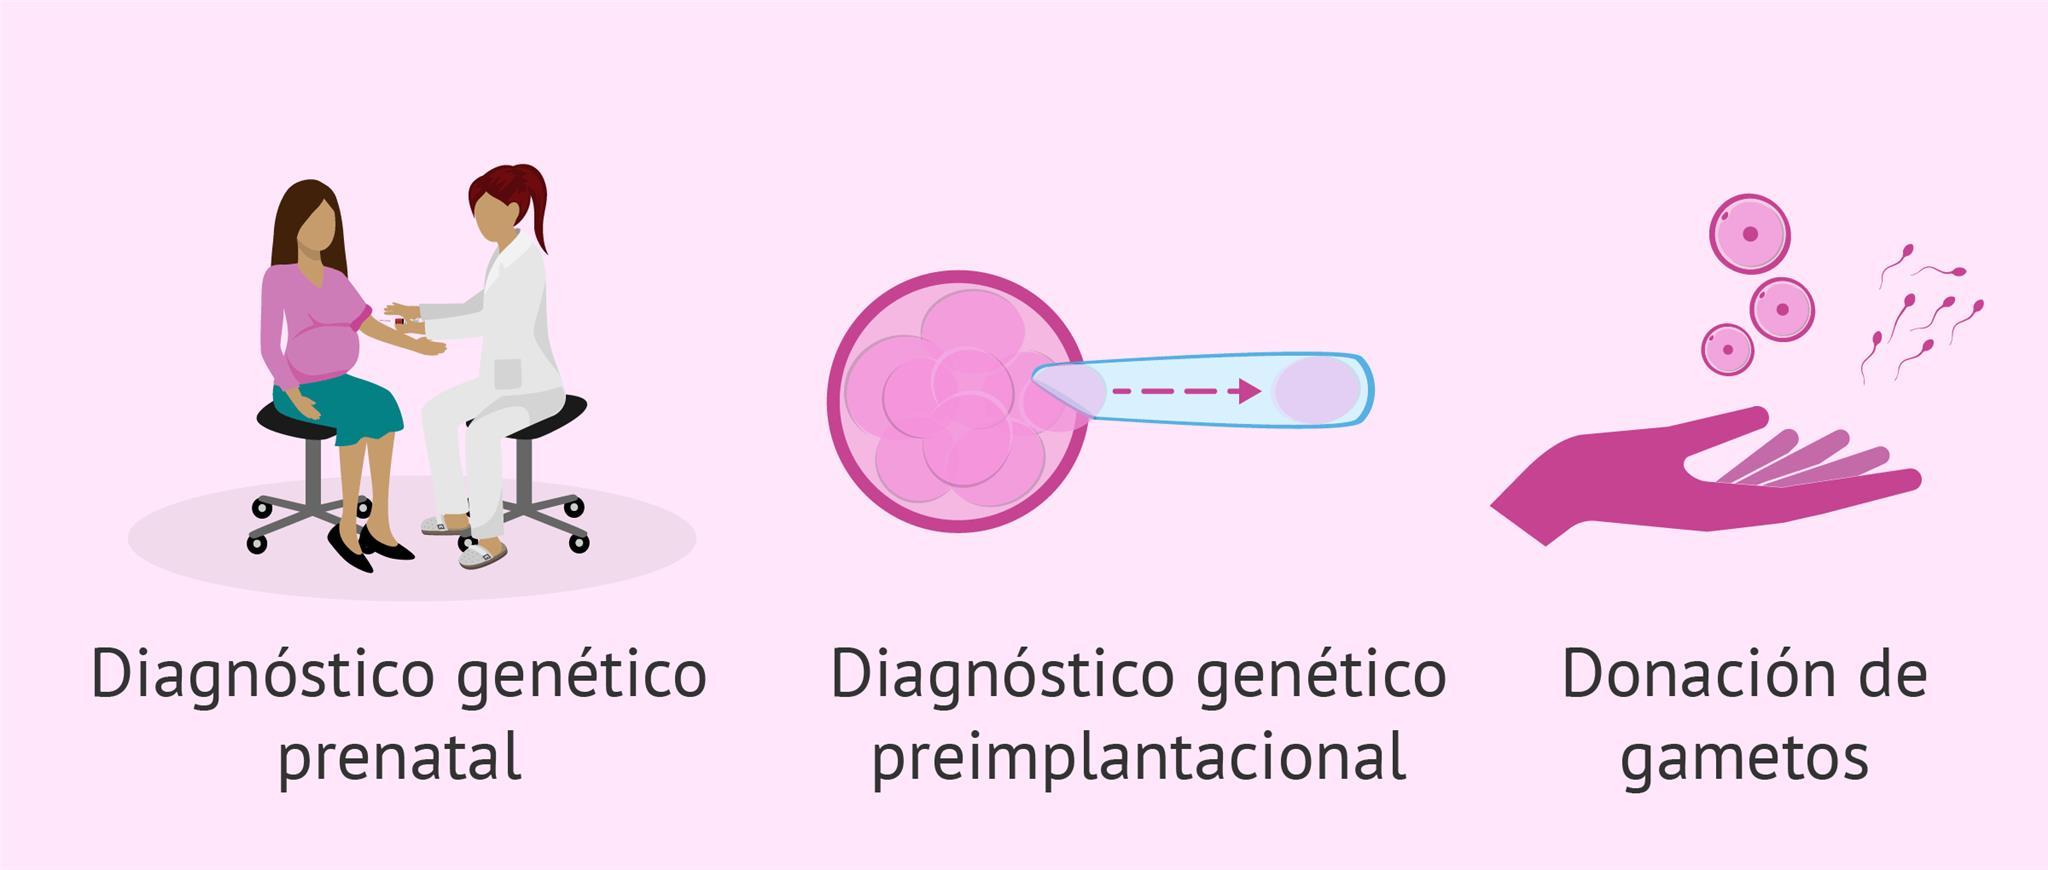 Soluciones posibles para los abortos recurrentes de causa genética